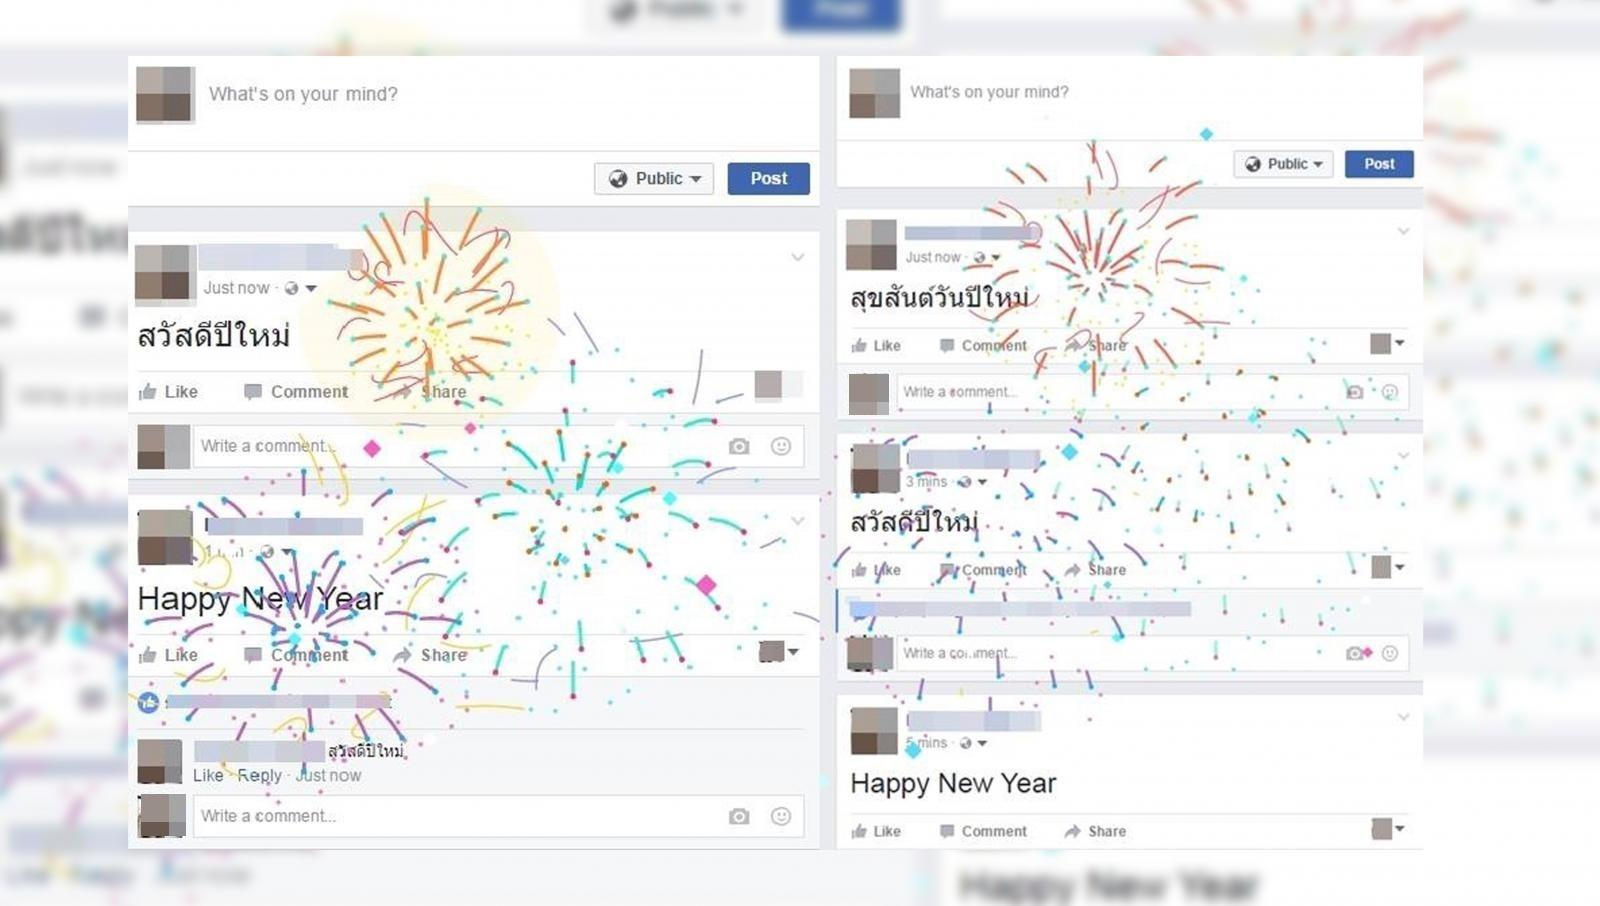 ตื่นเต้นอีกแล้ว! Facebook เพิ่มเอฟเฟกต์ต้อนรับปีใหม่ เพียงแค่โพสต์สเตตัส พลุส่องสว่างทันที